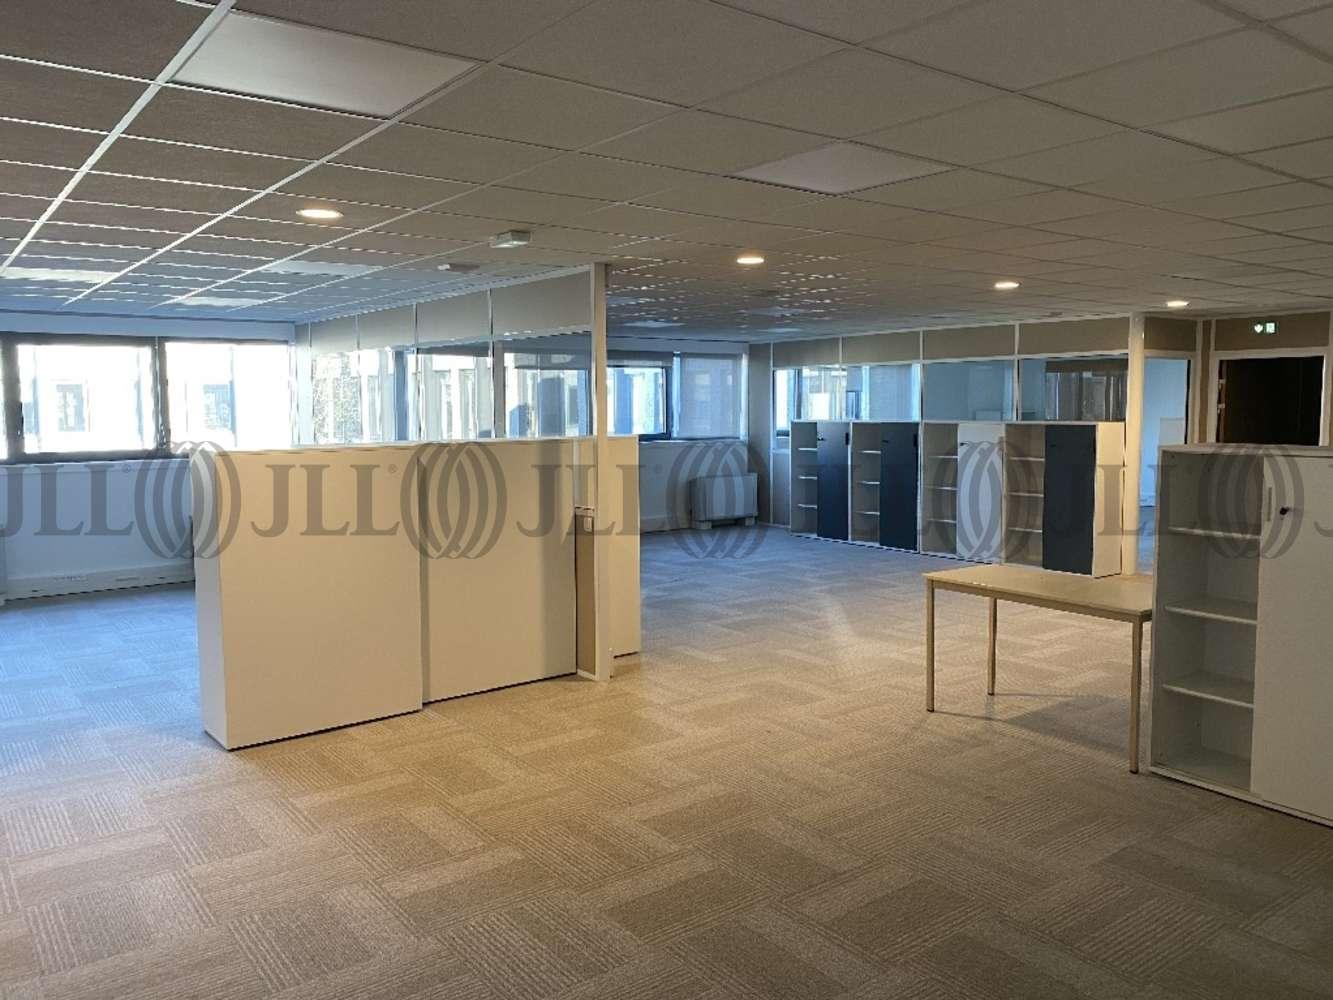 Activités/entrepôt Bron, 69500 - Location locaux d'activité Bron Lyon Est